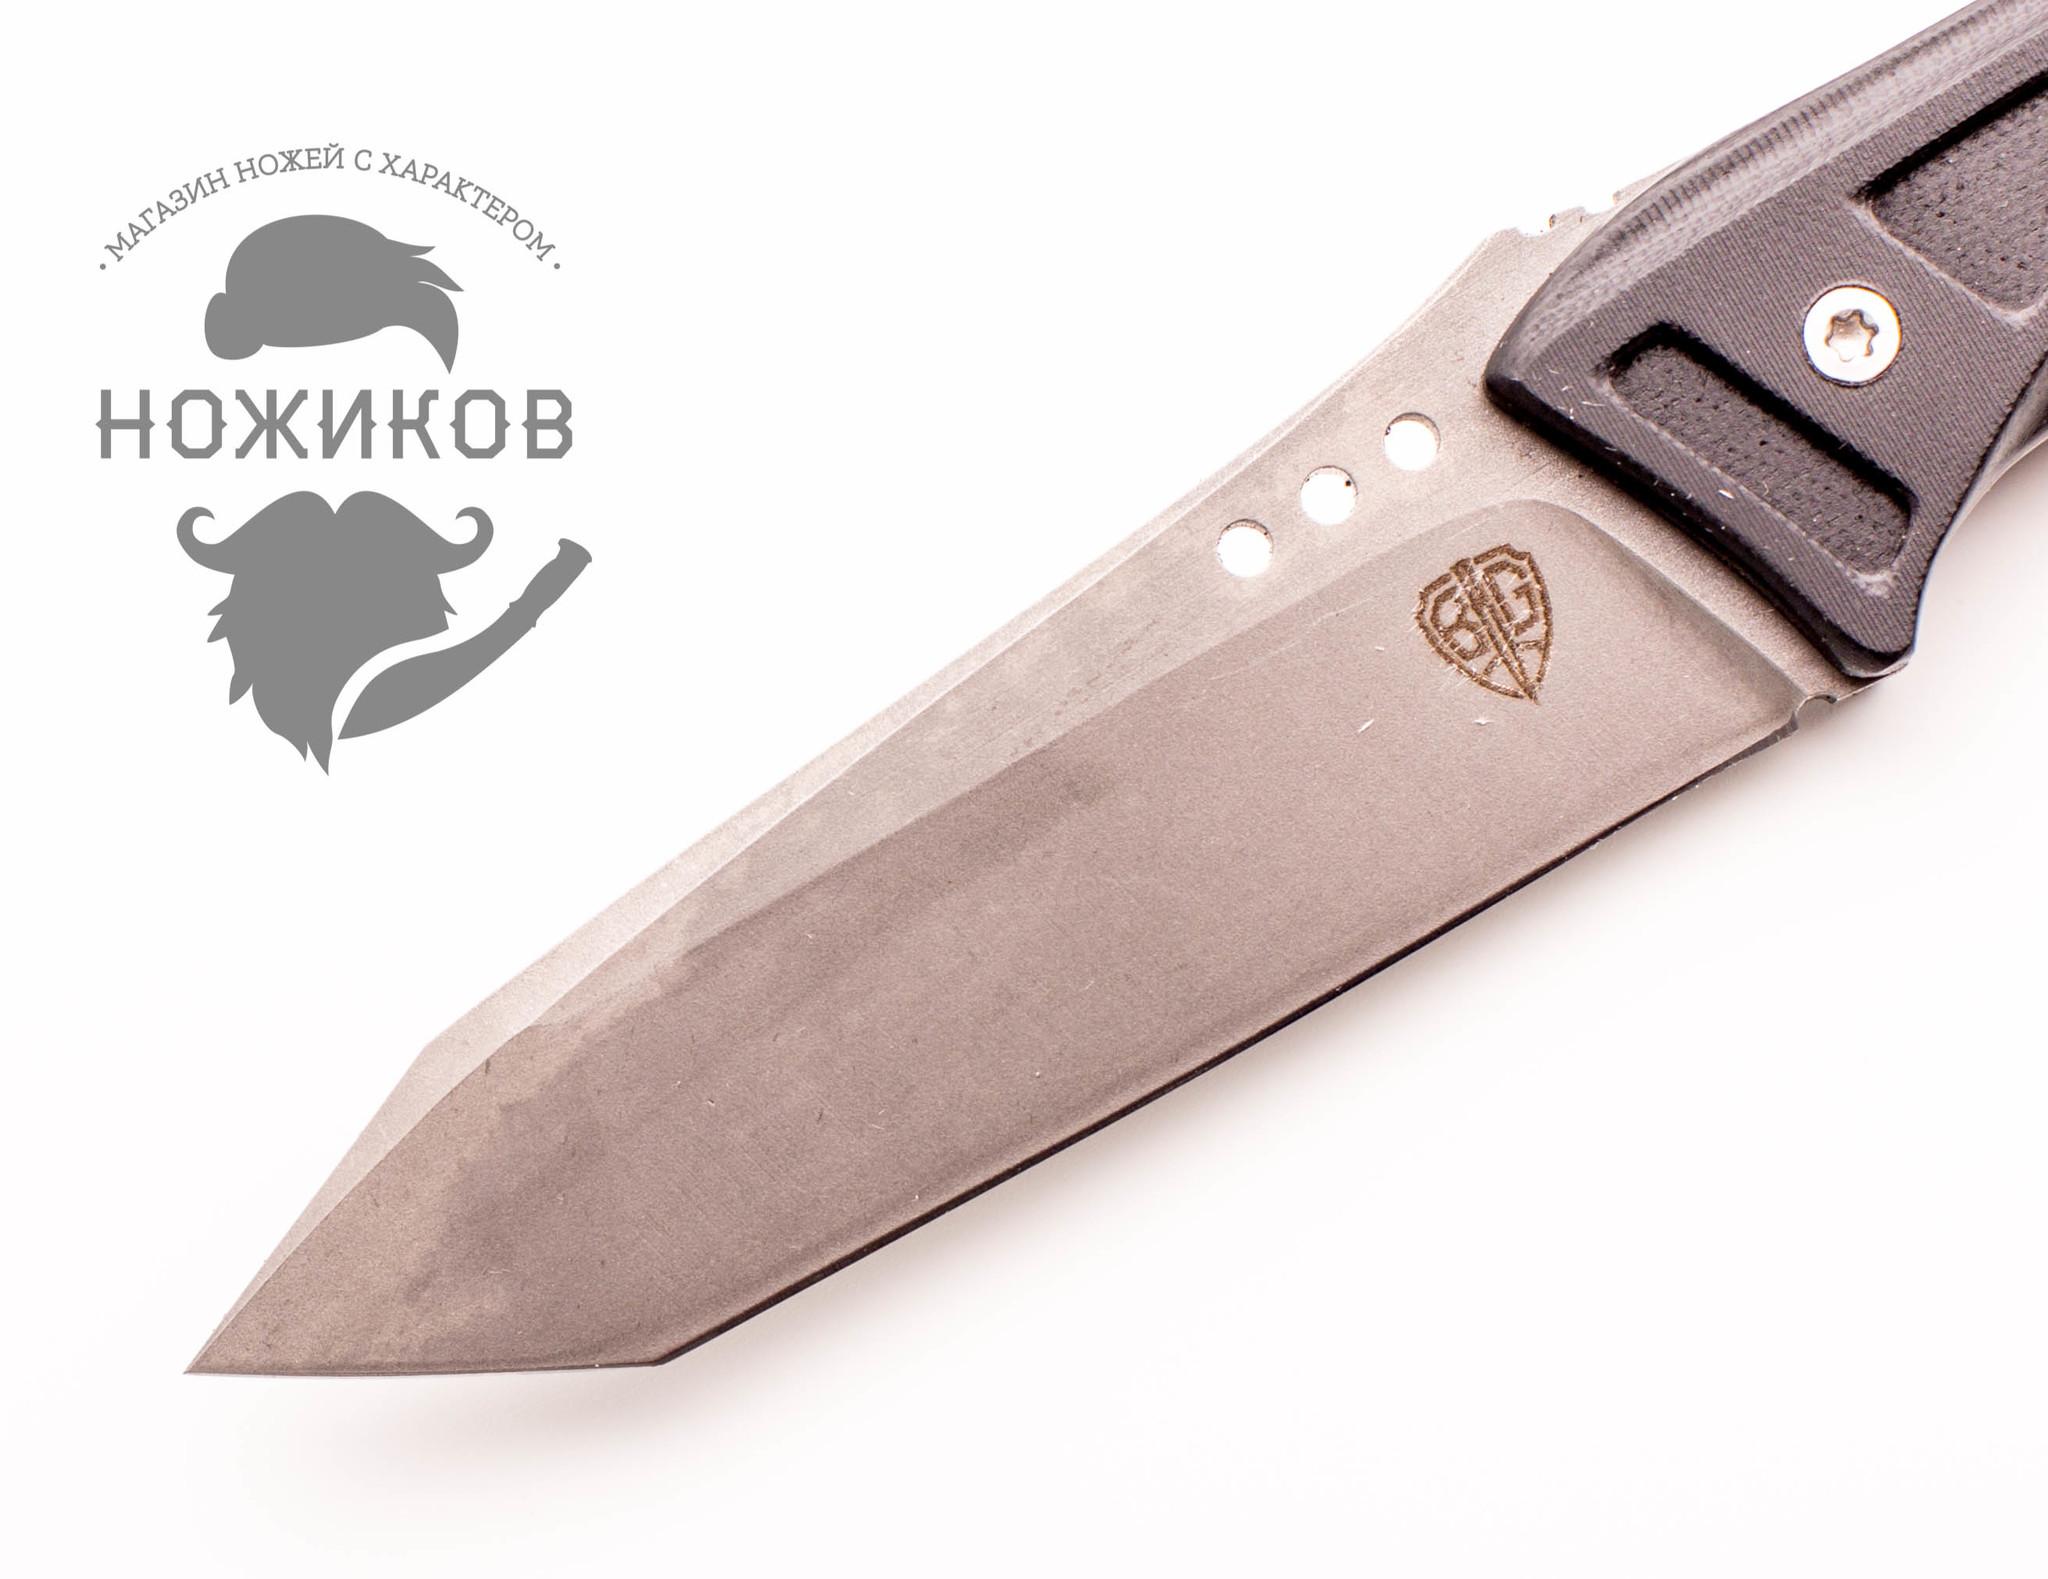 Фото 12 - Нож Стелс от Ворсма